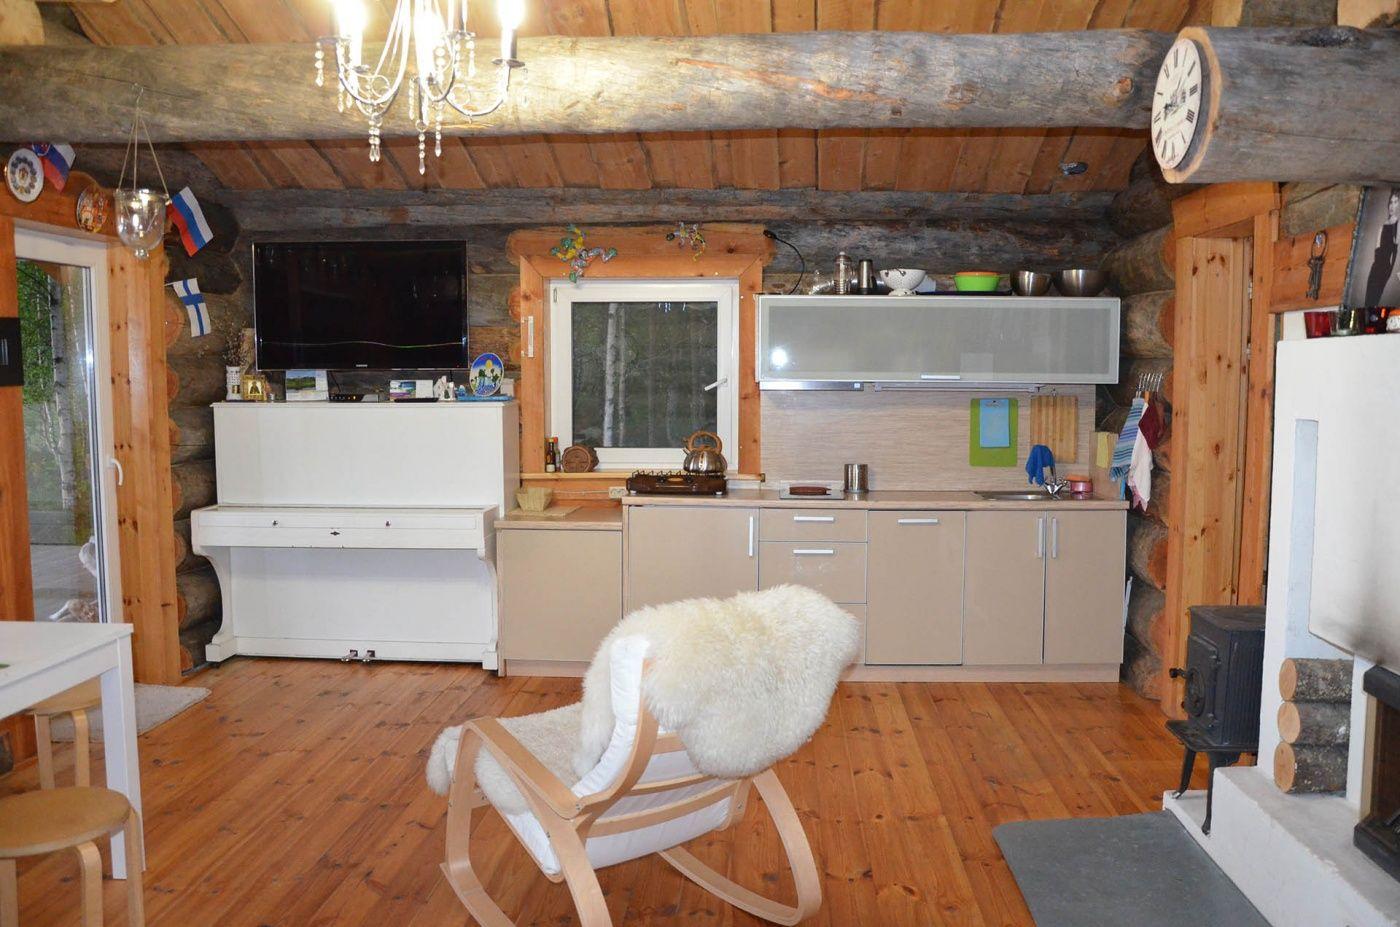 Комплекс гостевых домов «Karelia Village» Республика Карелия Коттедж «Ангенлахти-1», «Ангенлахти-2», «Ангенлахти-3», фото 9